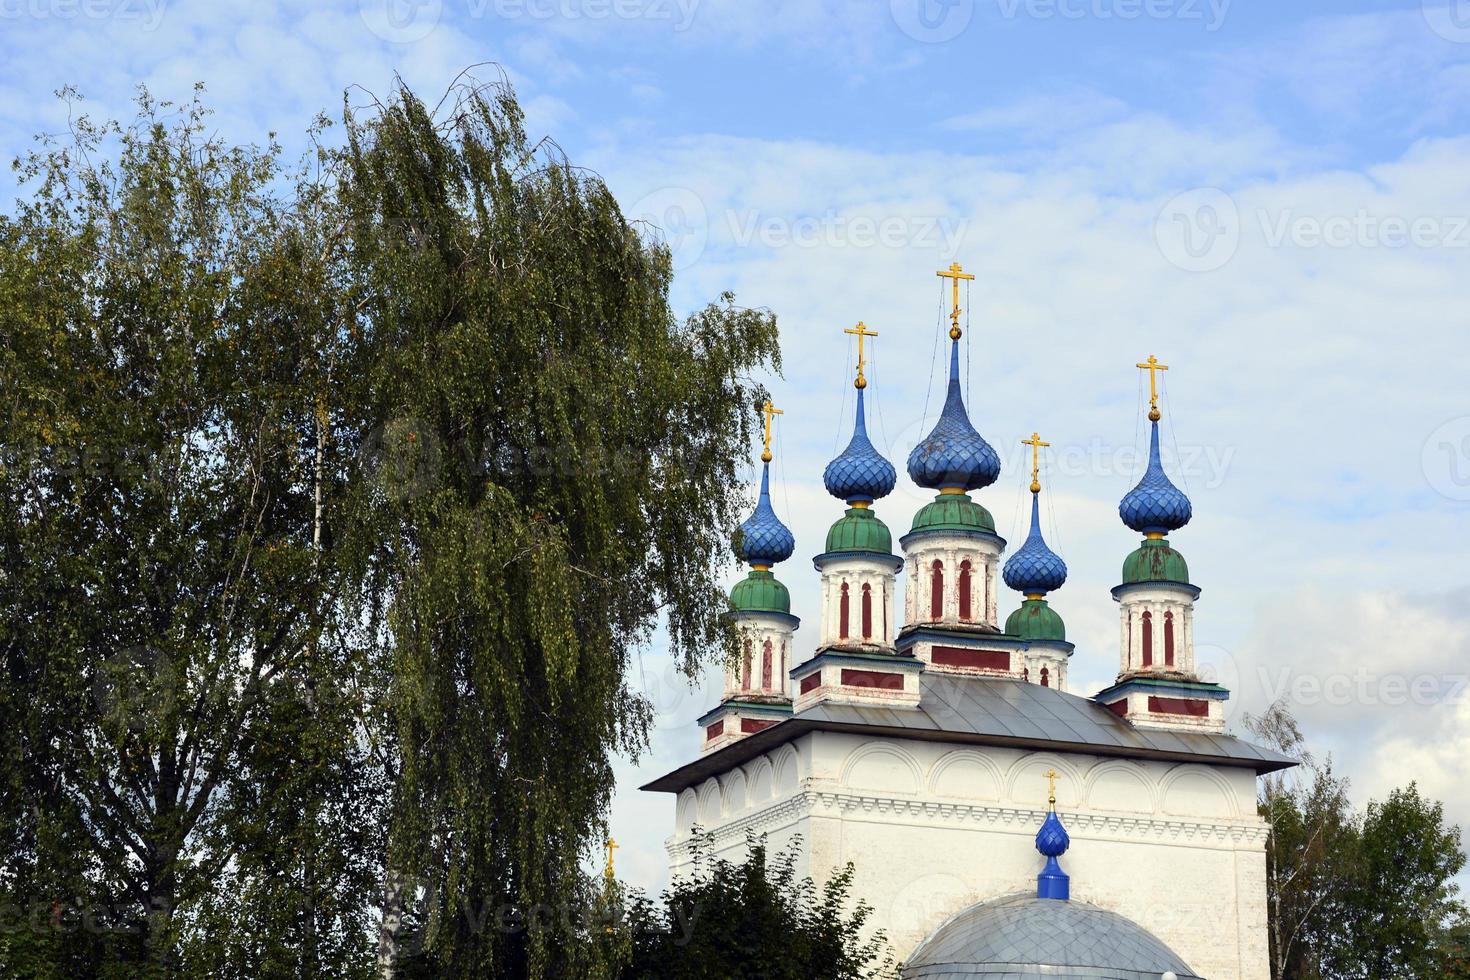 Kirchenkuppeln mit Kreuzen gegen den blauen Himmel. Tempel aus weißem Stein im russischen Dorf. foto